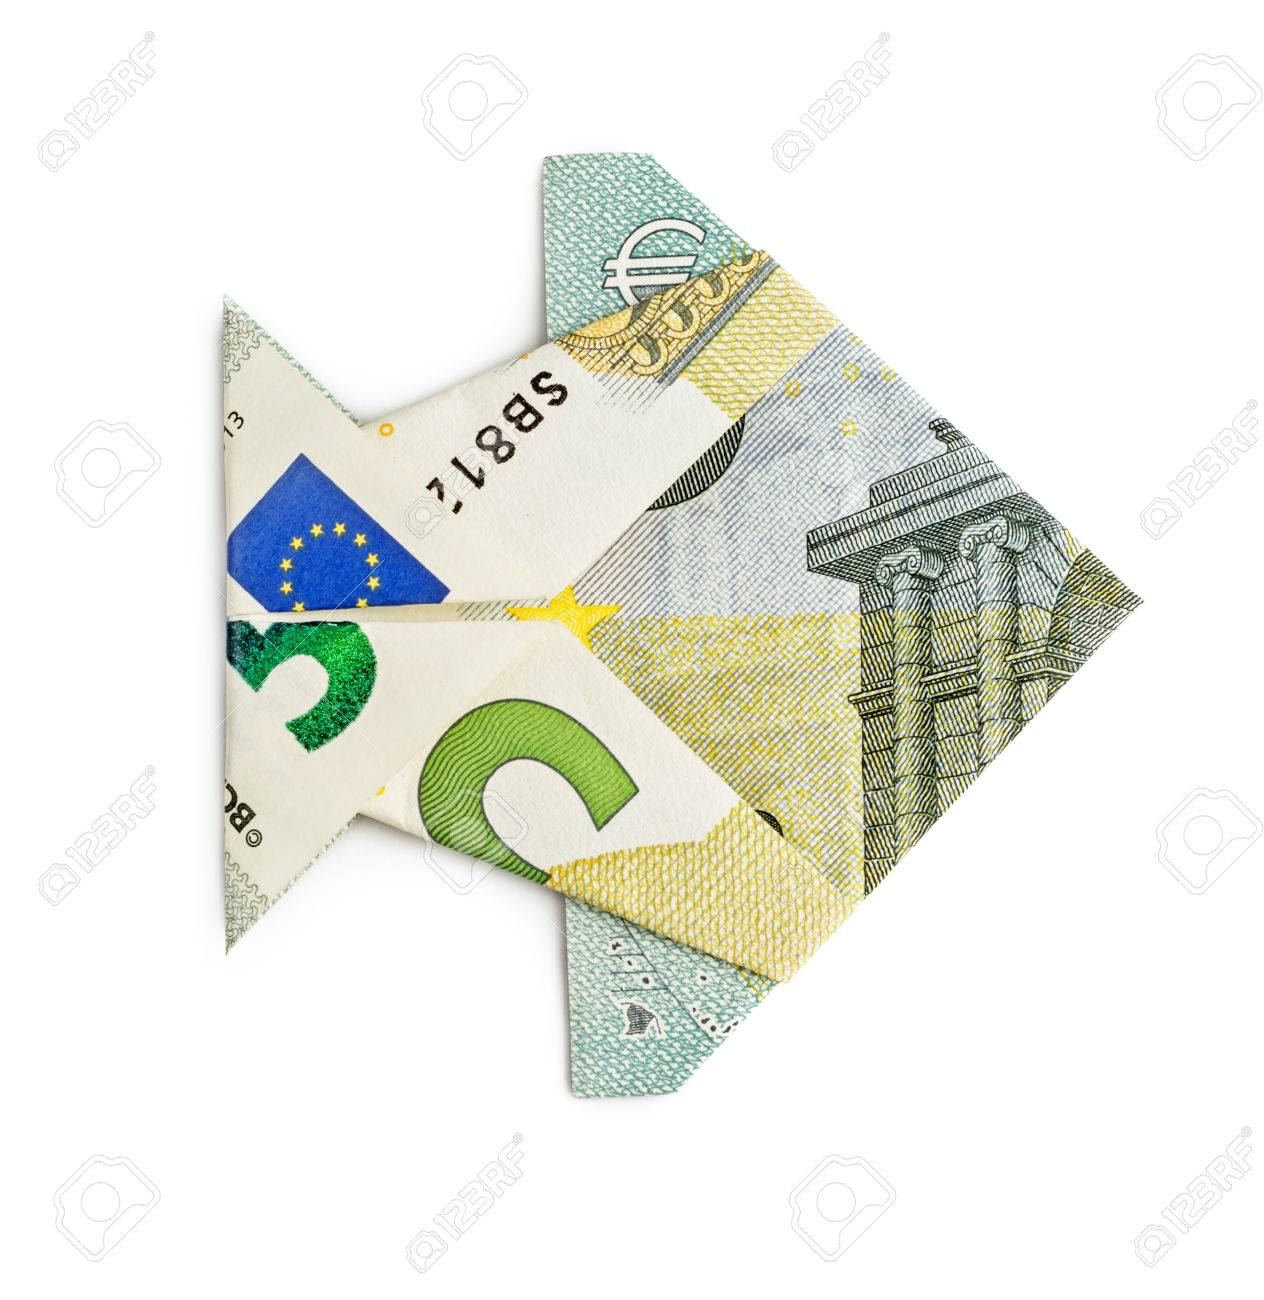 Euro origami fish isolated on white background moneygami catch euro origami fish isolated on white background moneygami catch stock photo 50378035 jeuxipadfo Choice Image